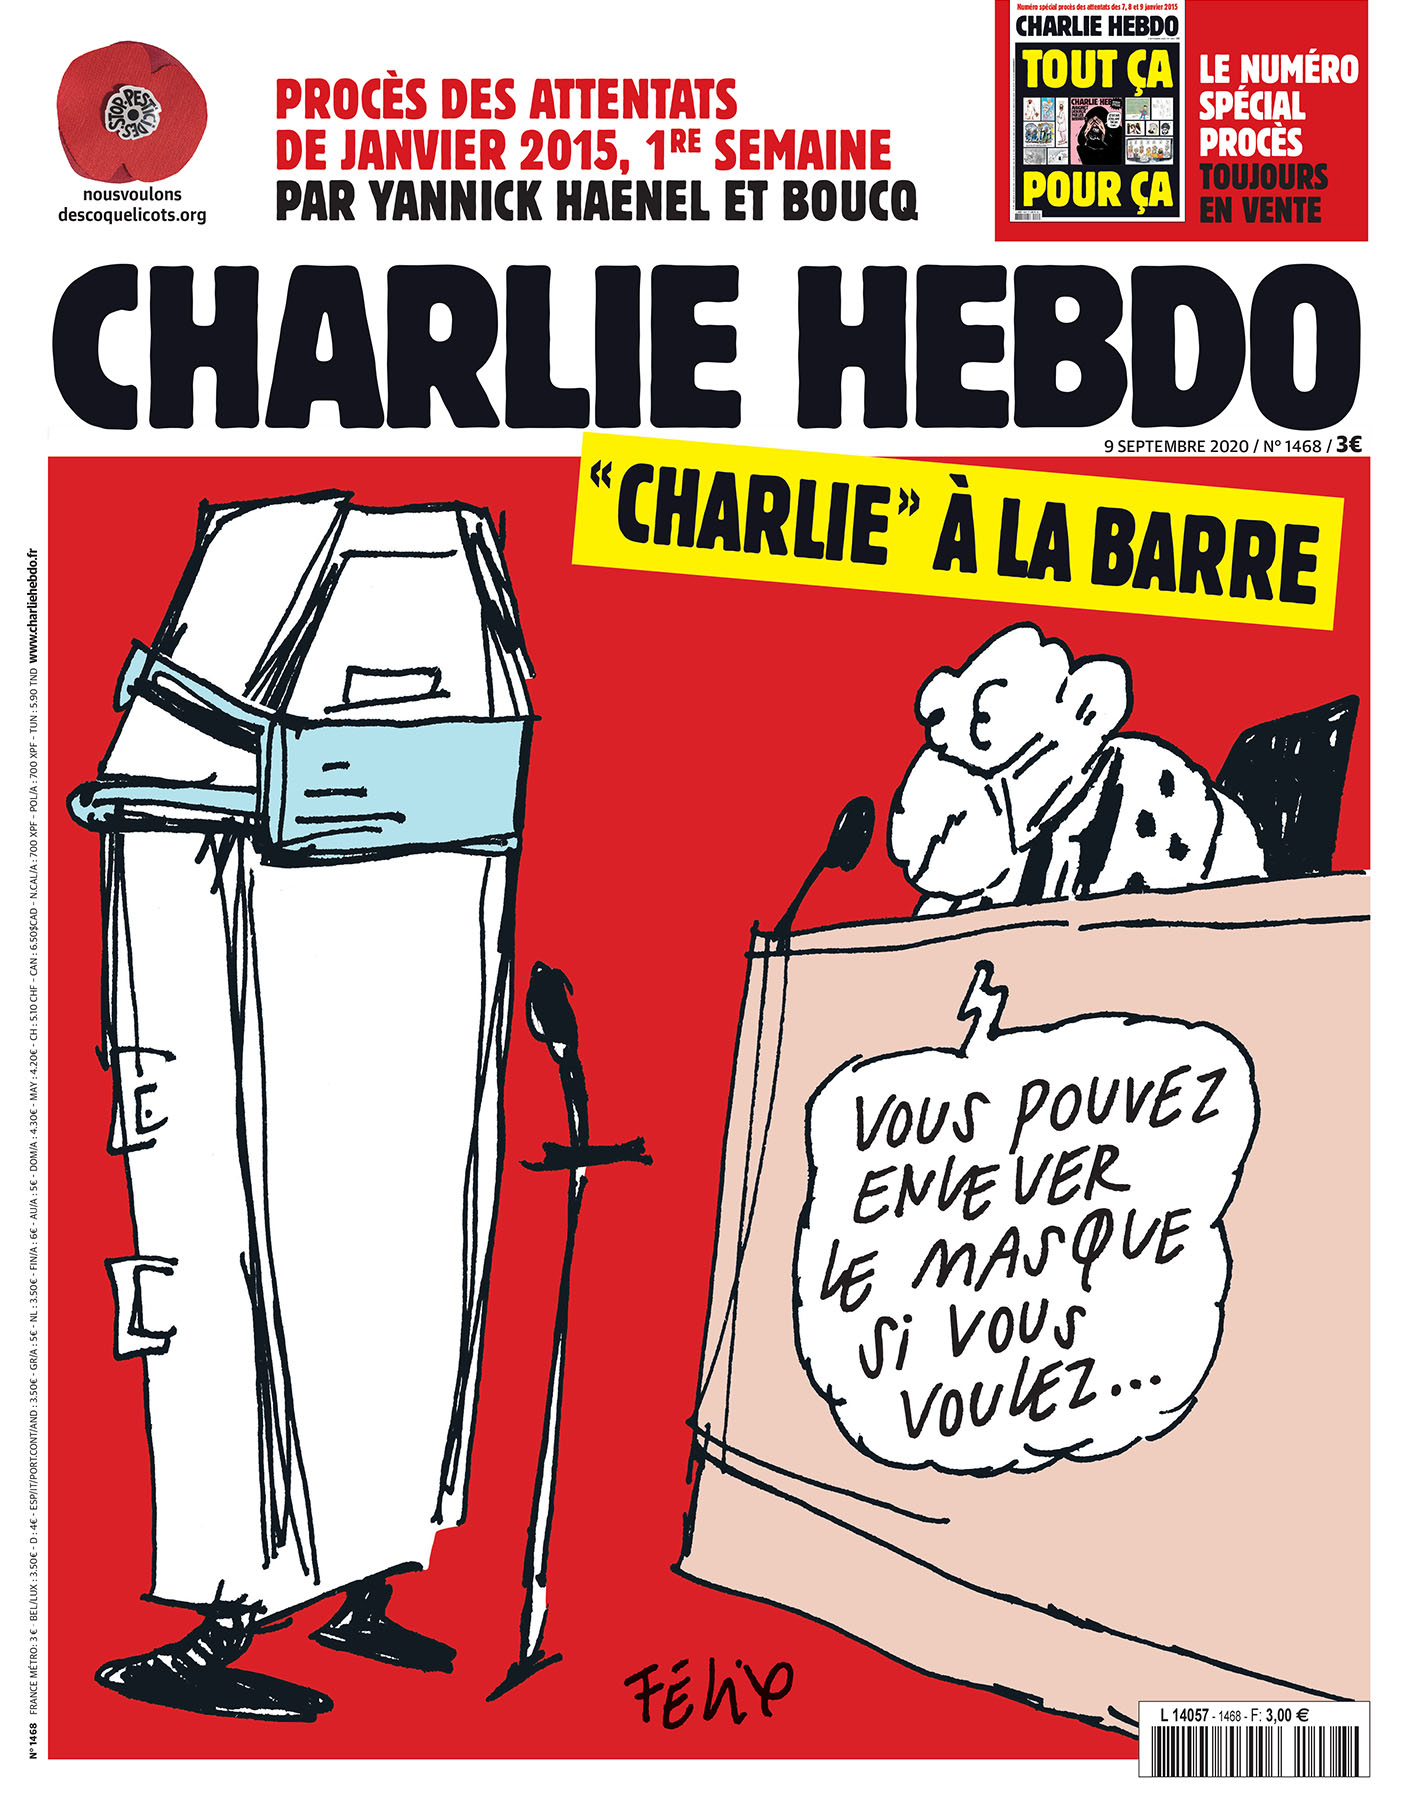 Charlie Hebdo n°1468 -- 9 septembre 2020 --- FÉLIX --- Charlie à la barre - Vous pouvez enlever le masque si vous voulez...